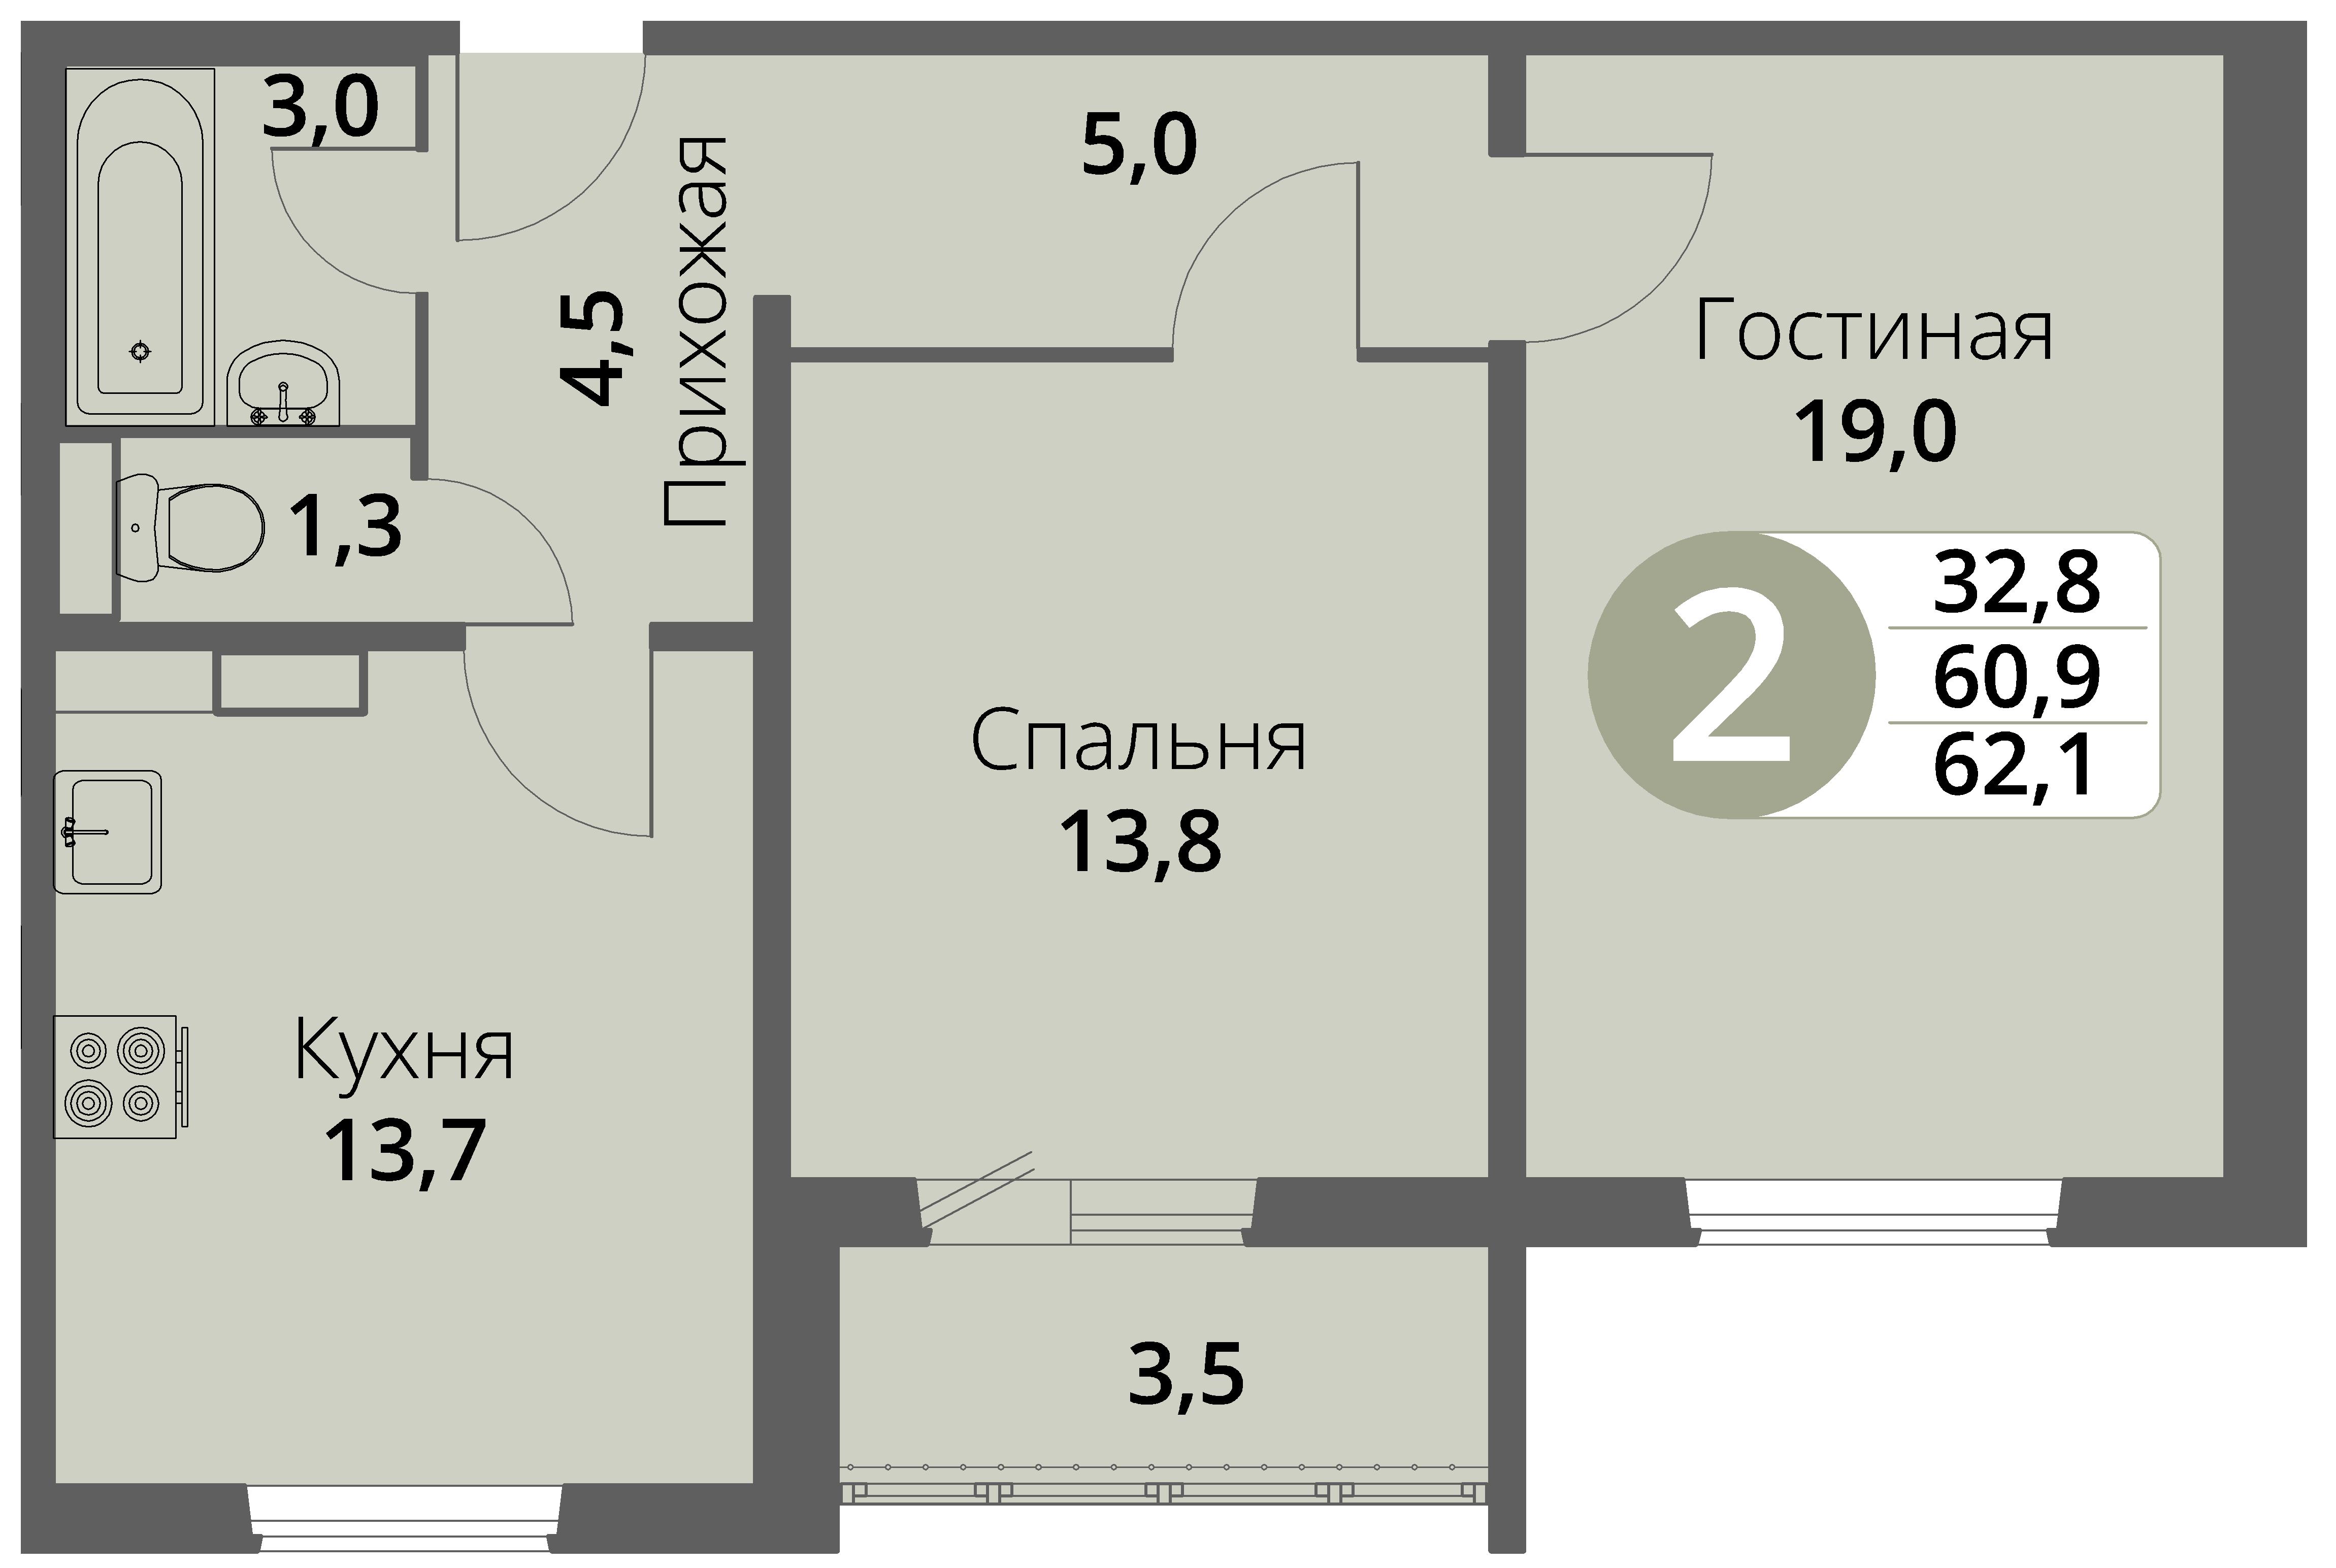 Зареченская 1-2, квартира 52 - Двухкомнатная